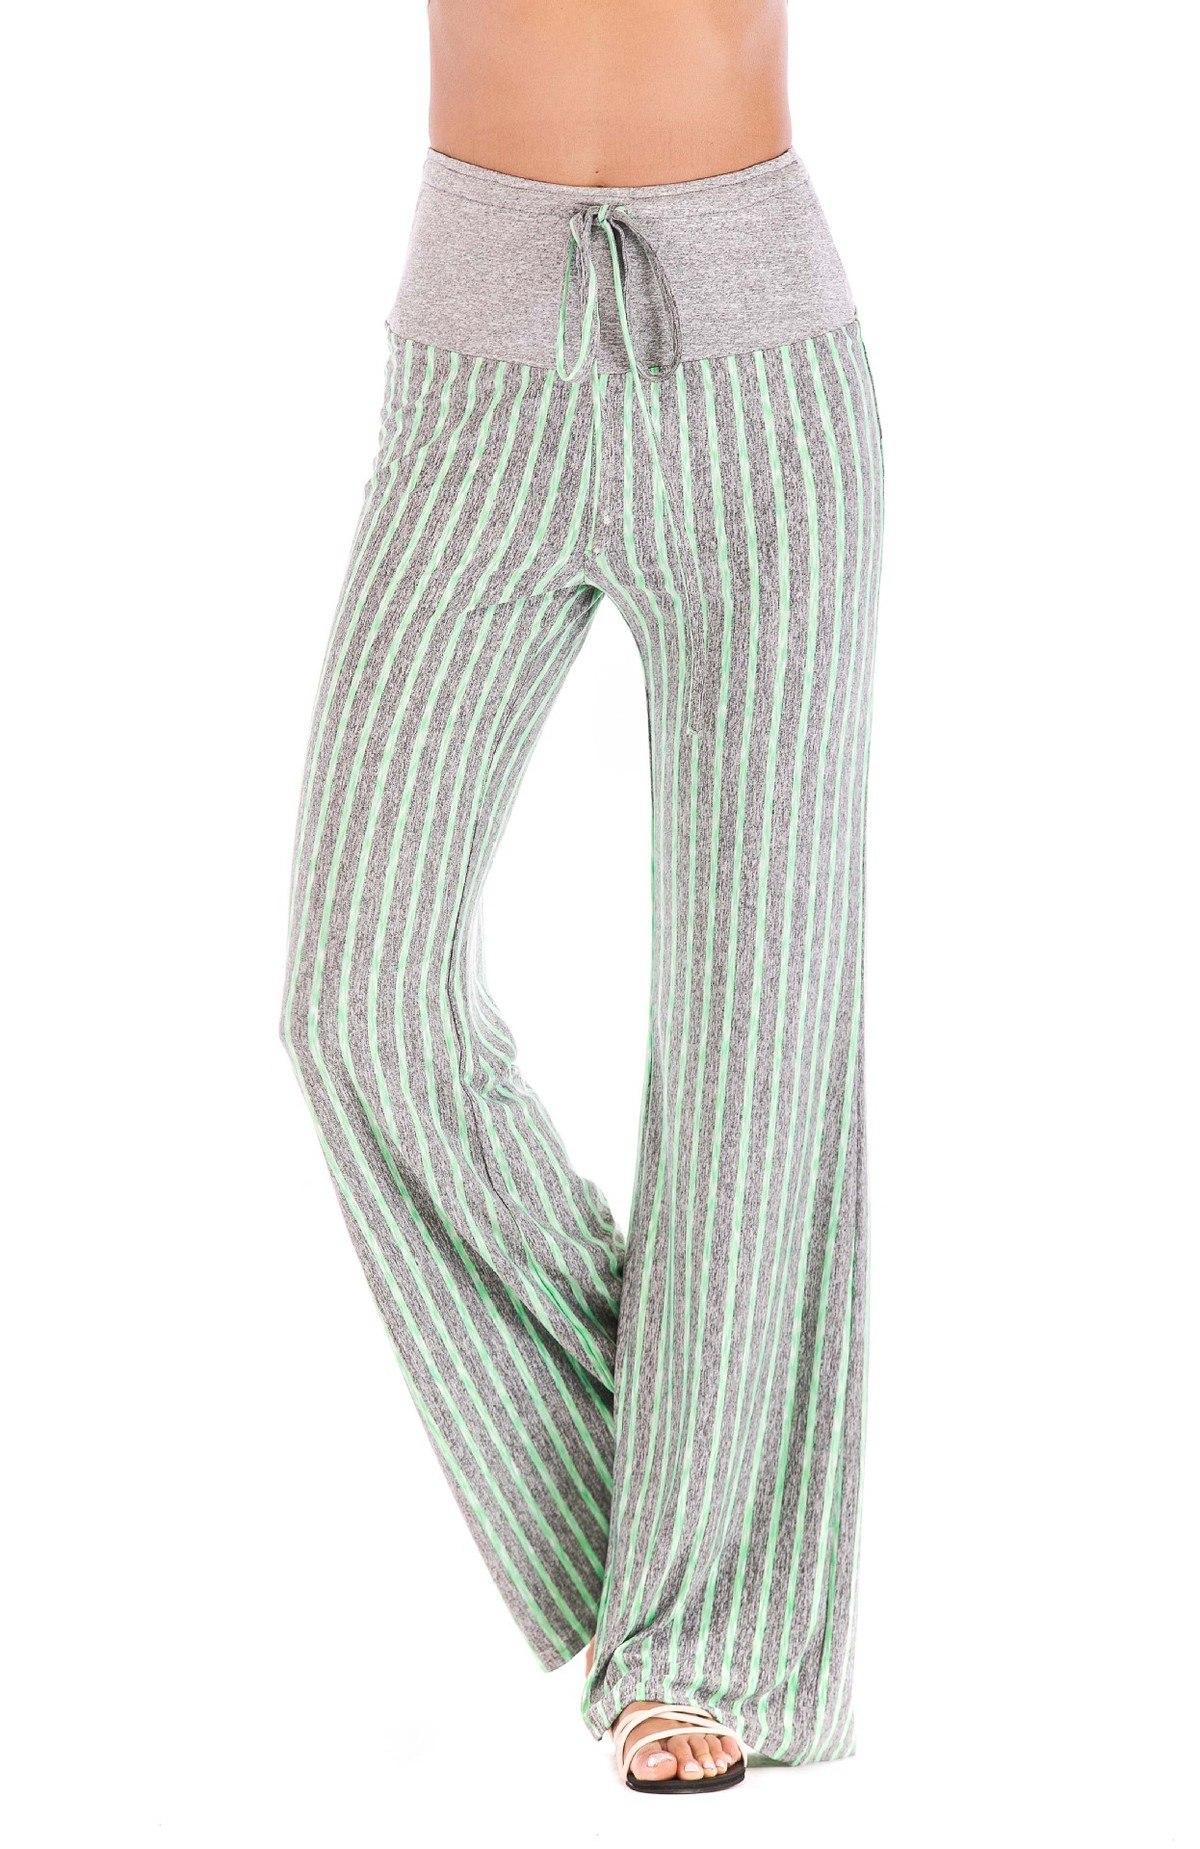 Pantalon de yoga pour femme ton bleu gris large ligne évasé